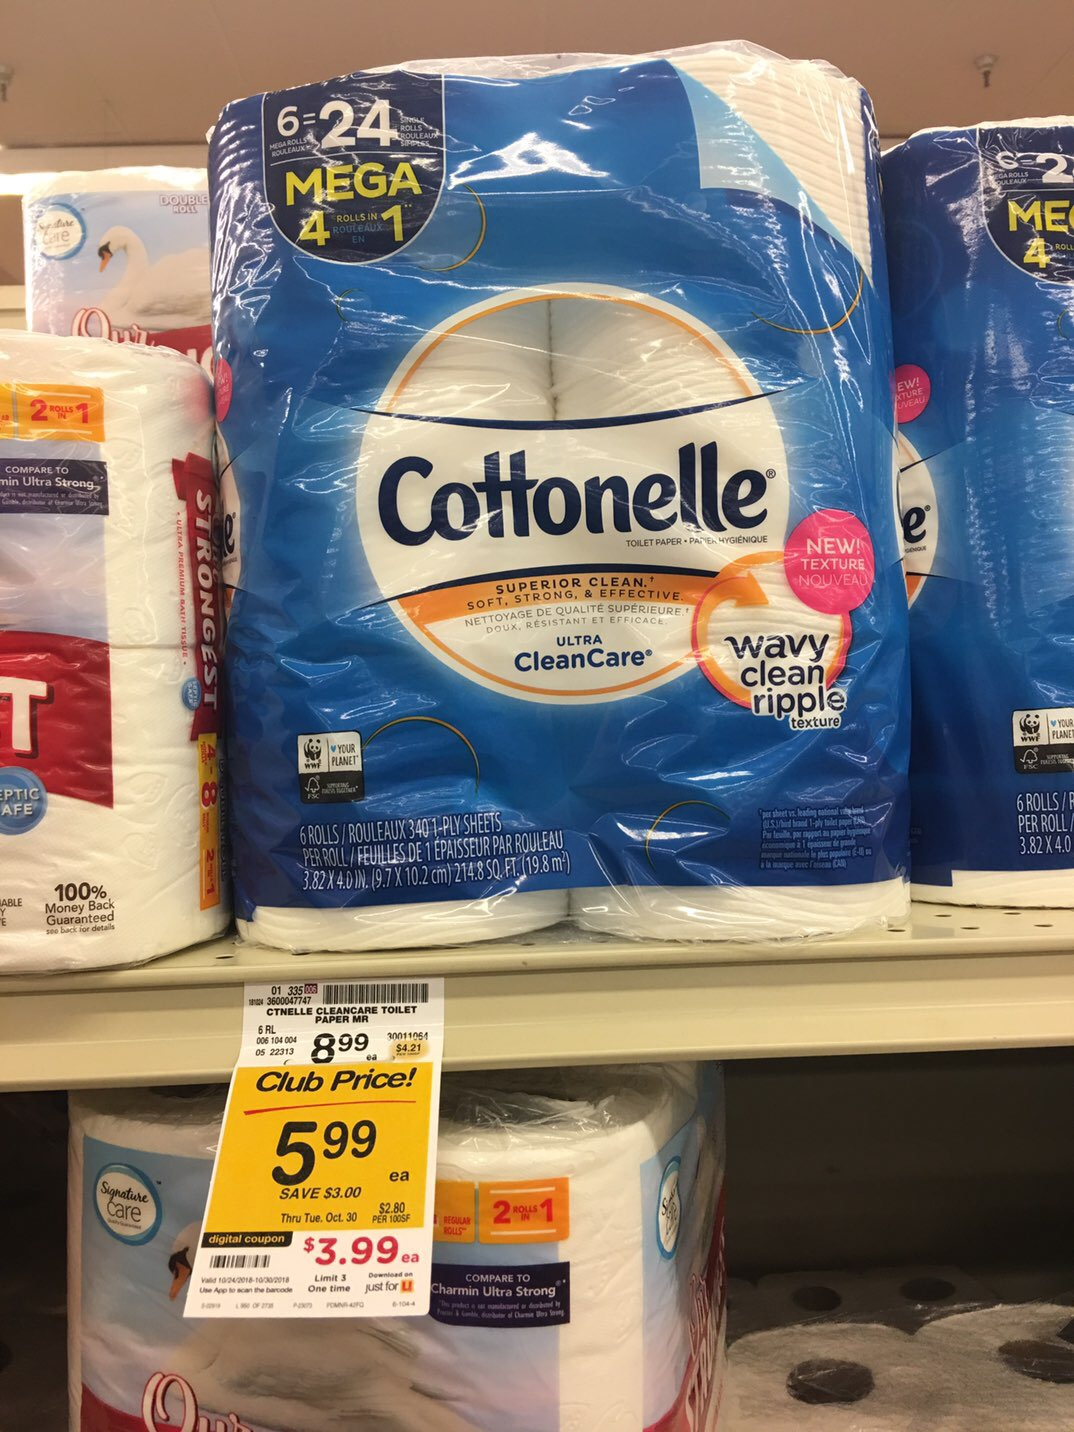 Cottonelle bath